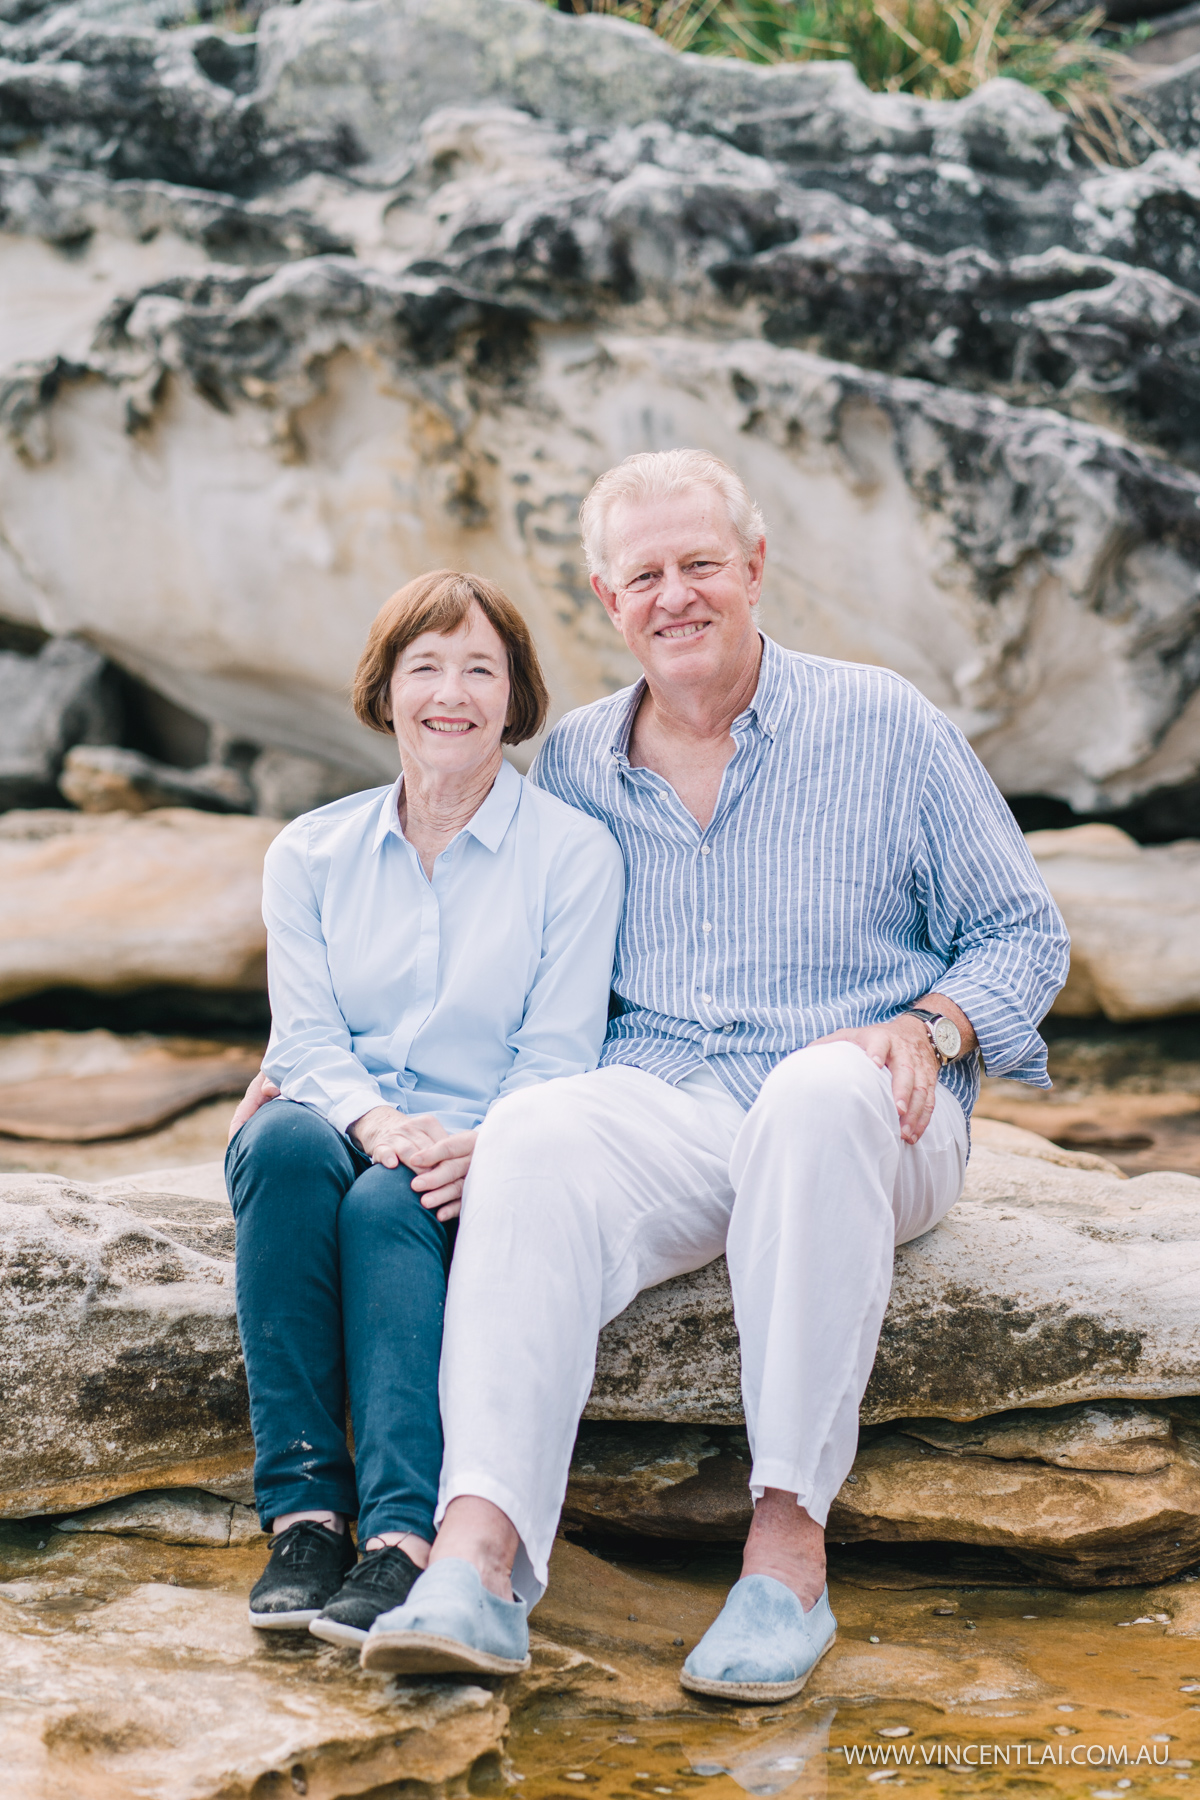 Family Photo Session at Balmoral Beach Mosman